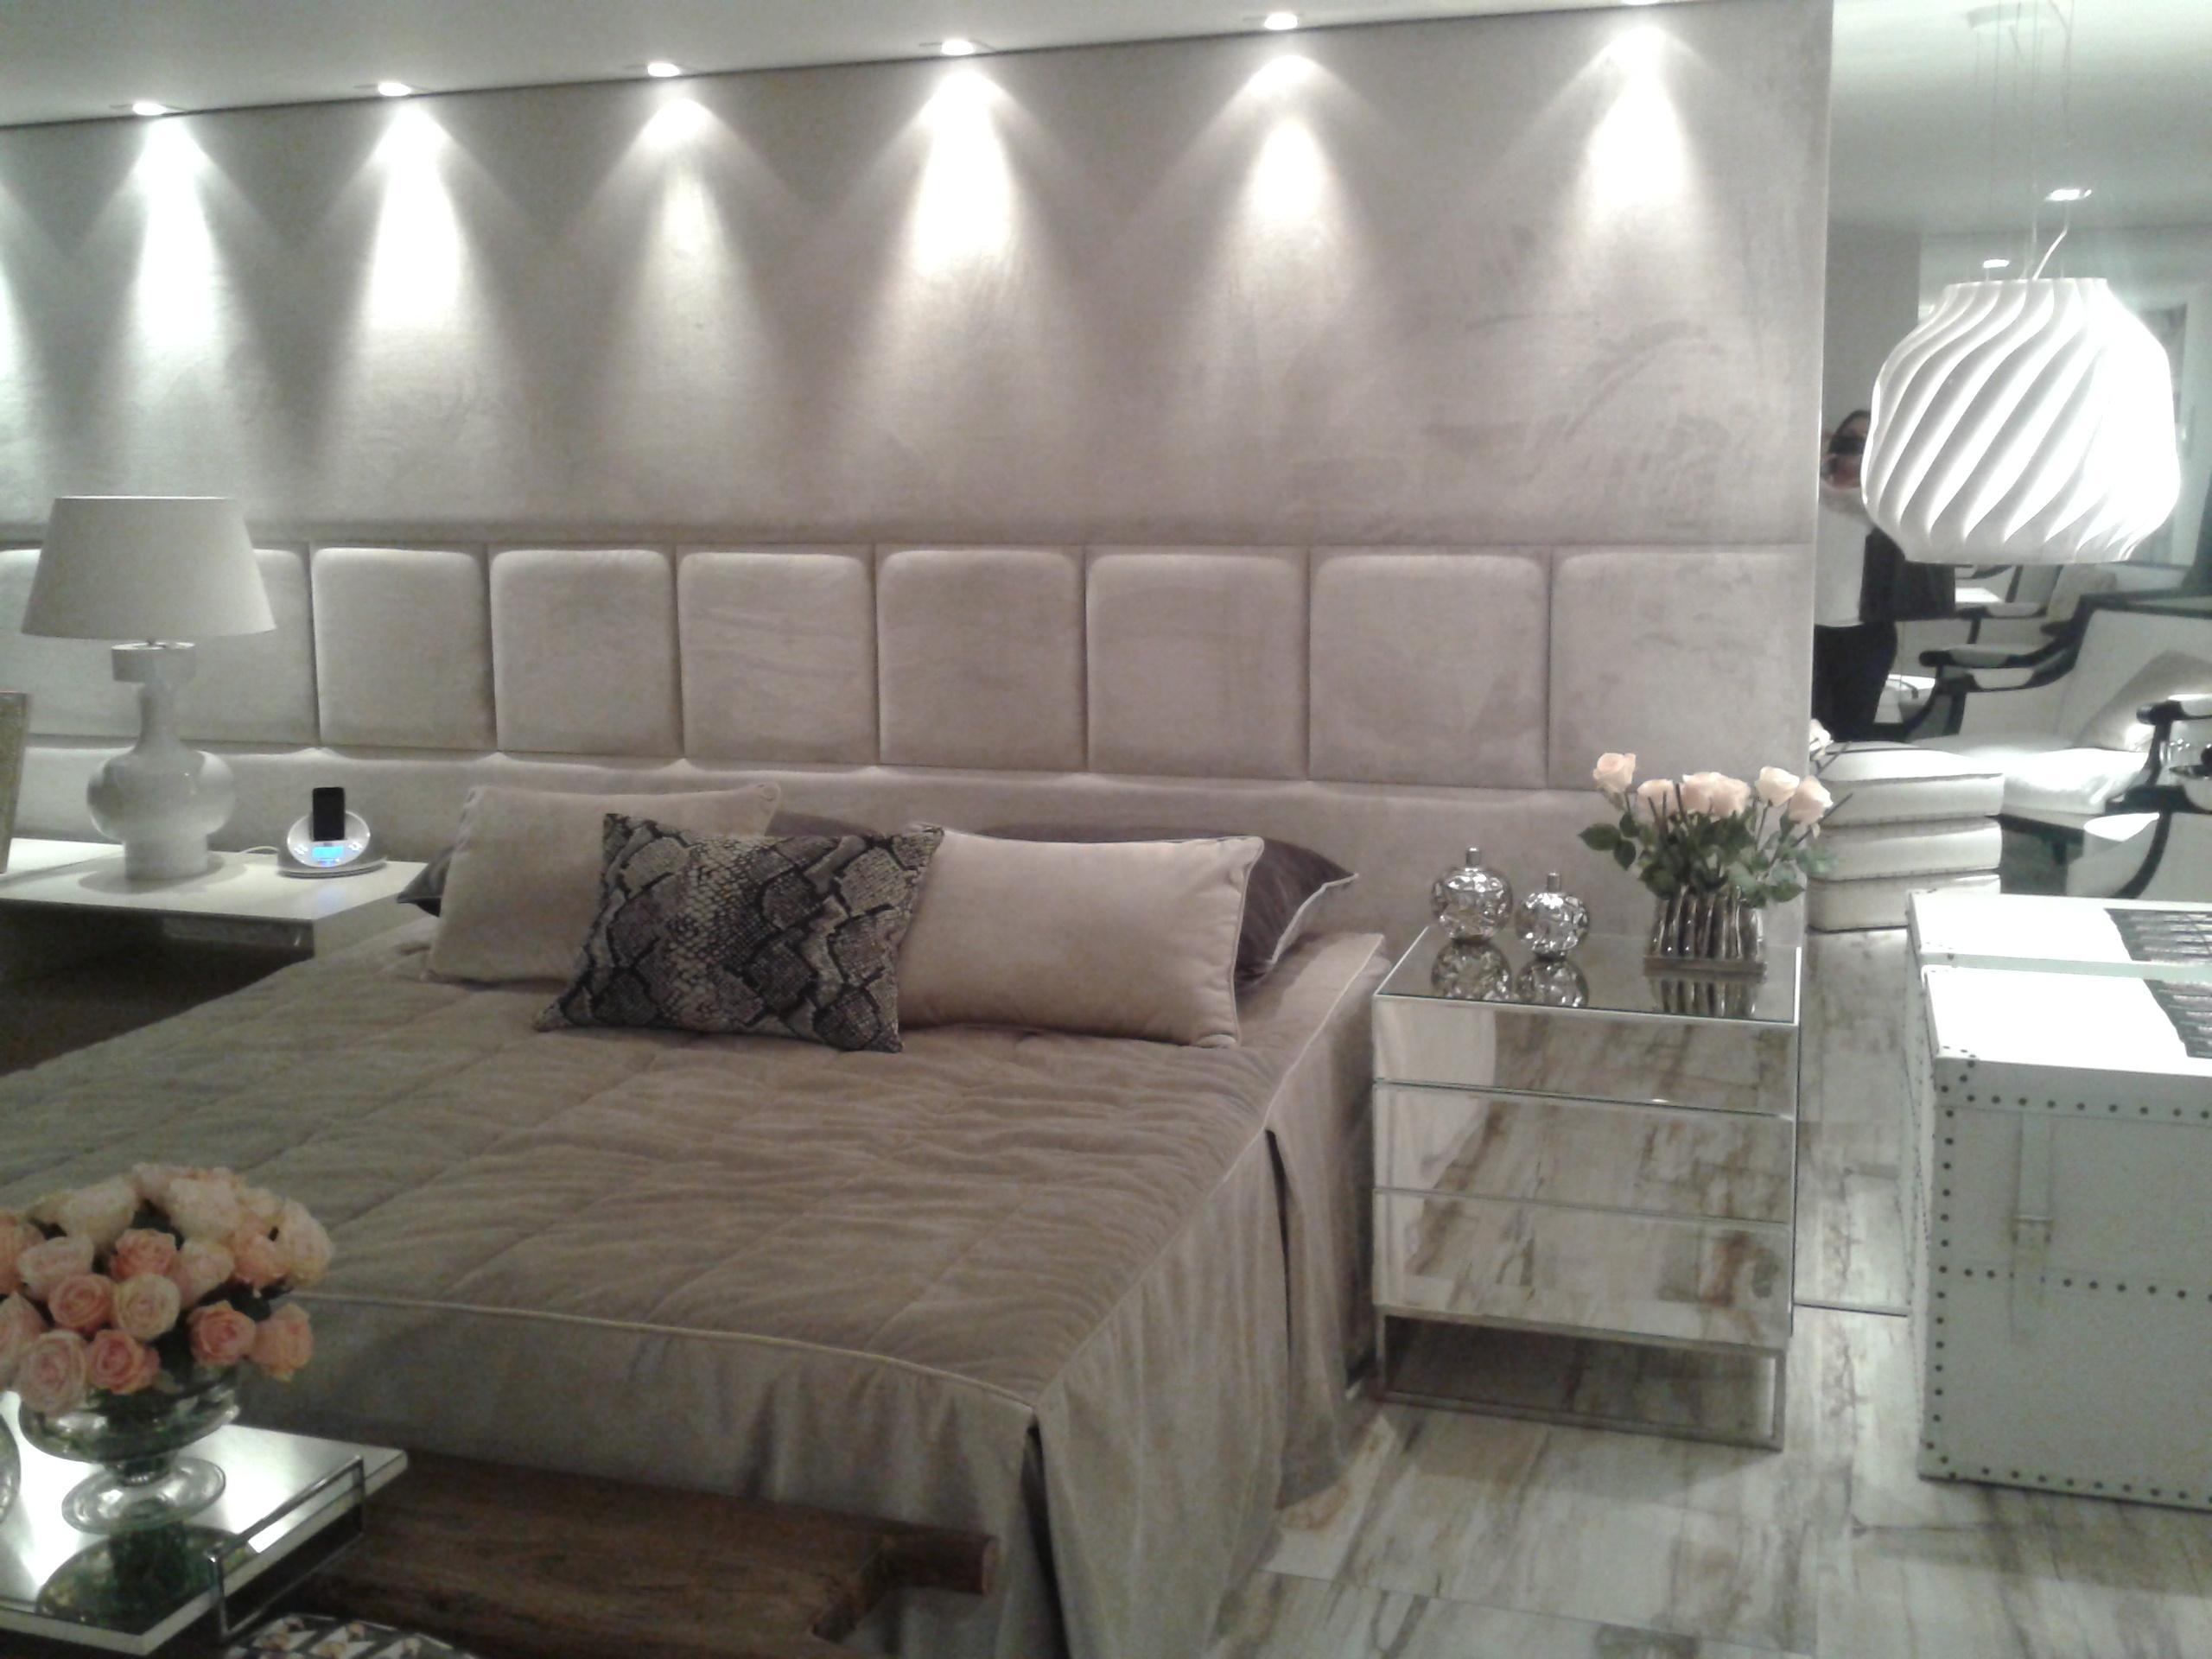 Lavabo Com Paredes E Forro De Drywall Projeto Da Arquiteta Priscila  #5C4F46 2560 1920